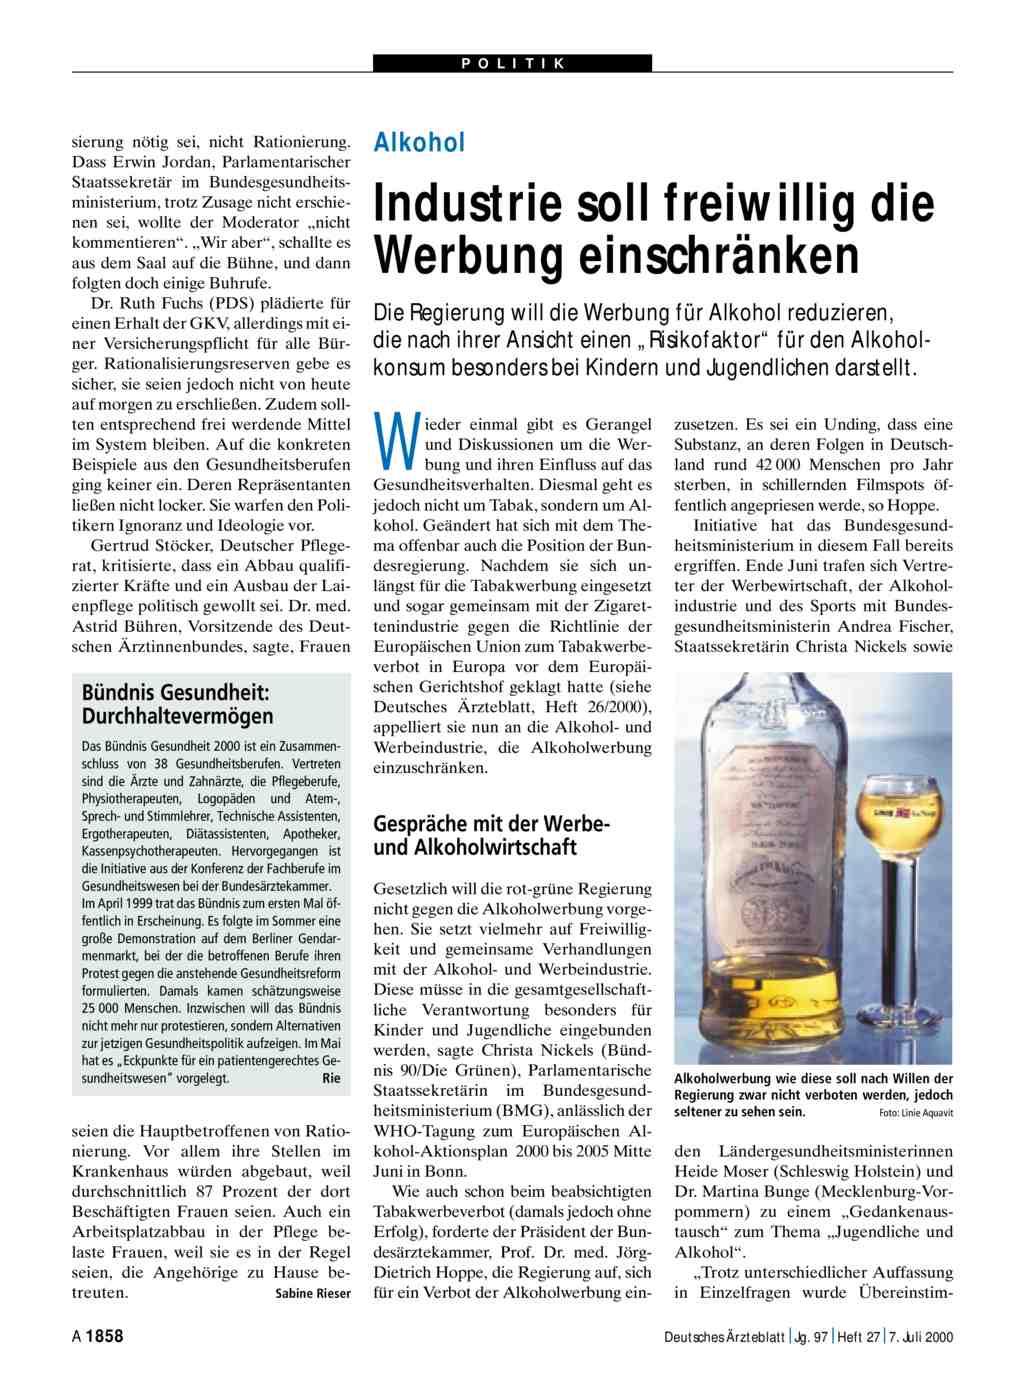 alkohol industrie soll freiwillig die